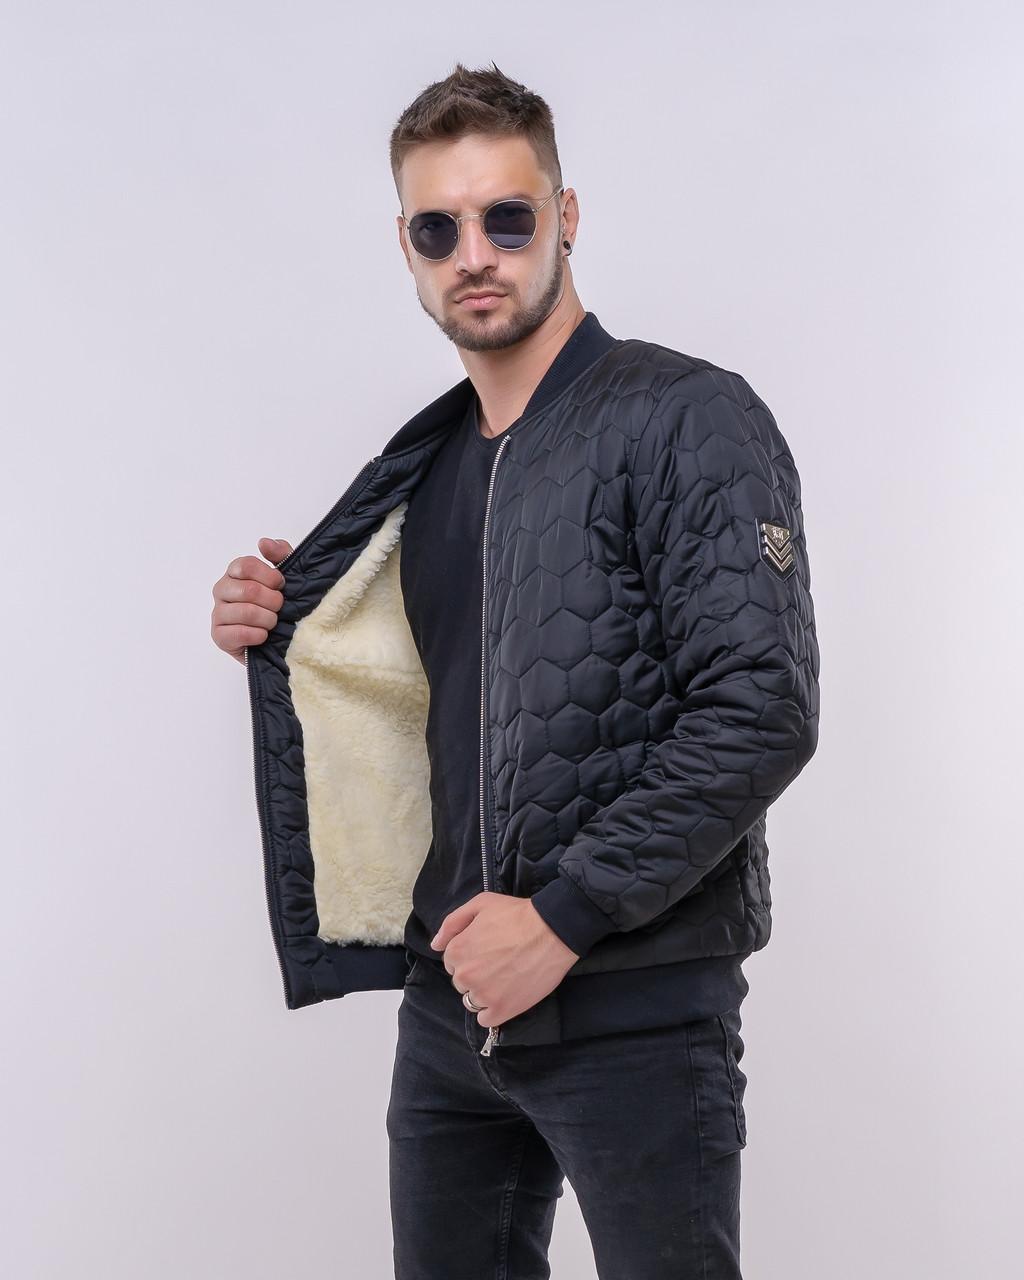 Стильна молодіжна чоловіча куртка-бомбер з стьобаною плащової тканини з підкладкою з штучної овчини